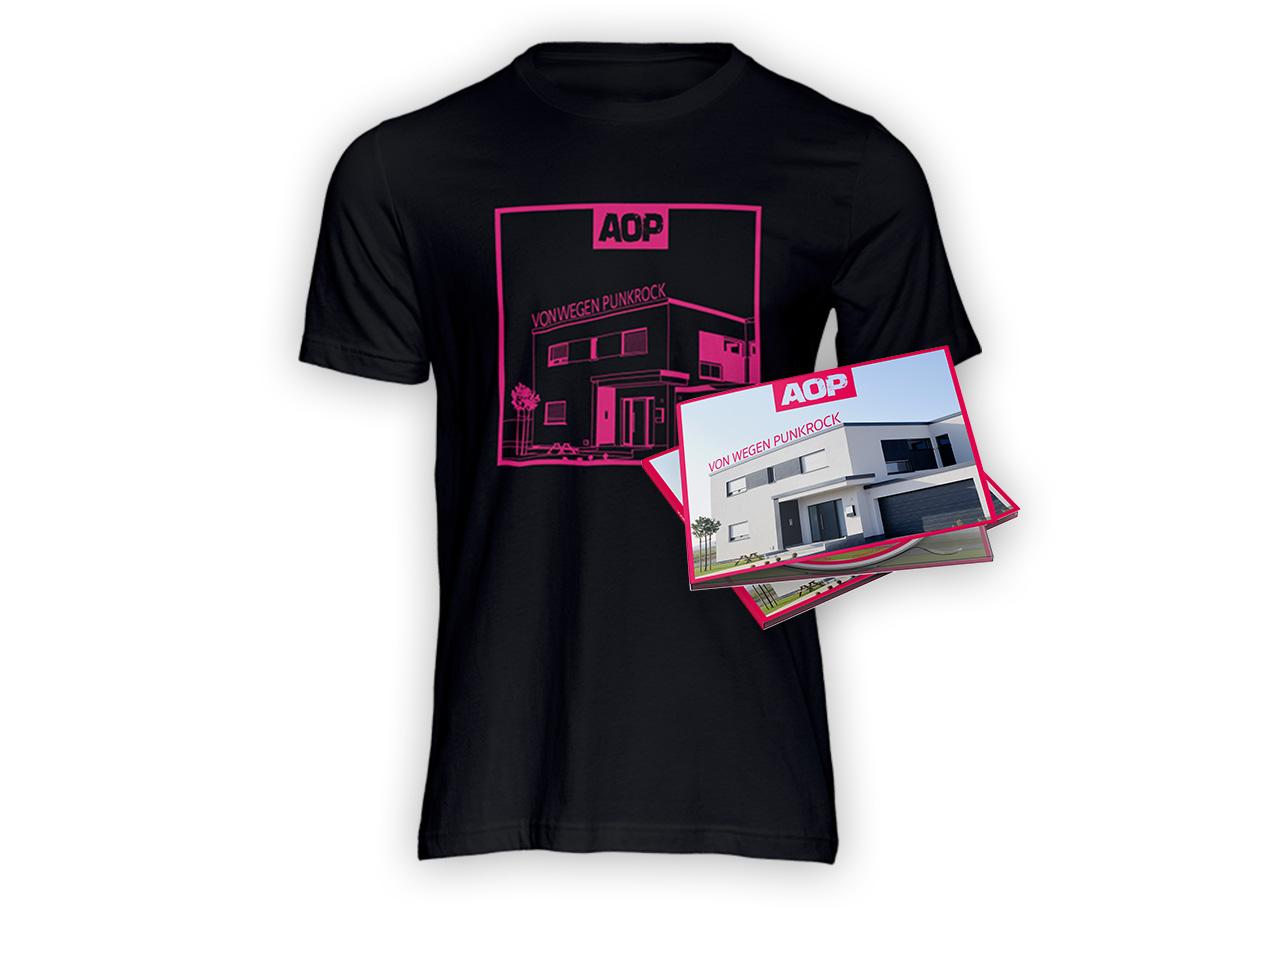 AOP – Album – Von wegen Punkrock – Digipack + T-Shirt Bundle